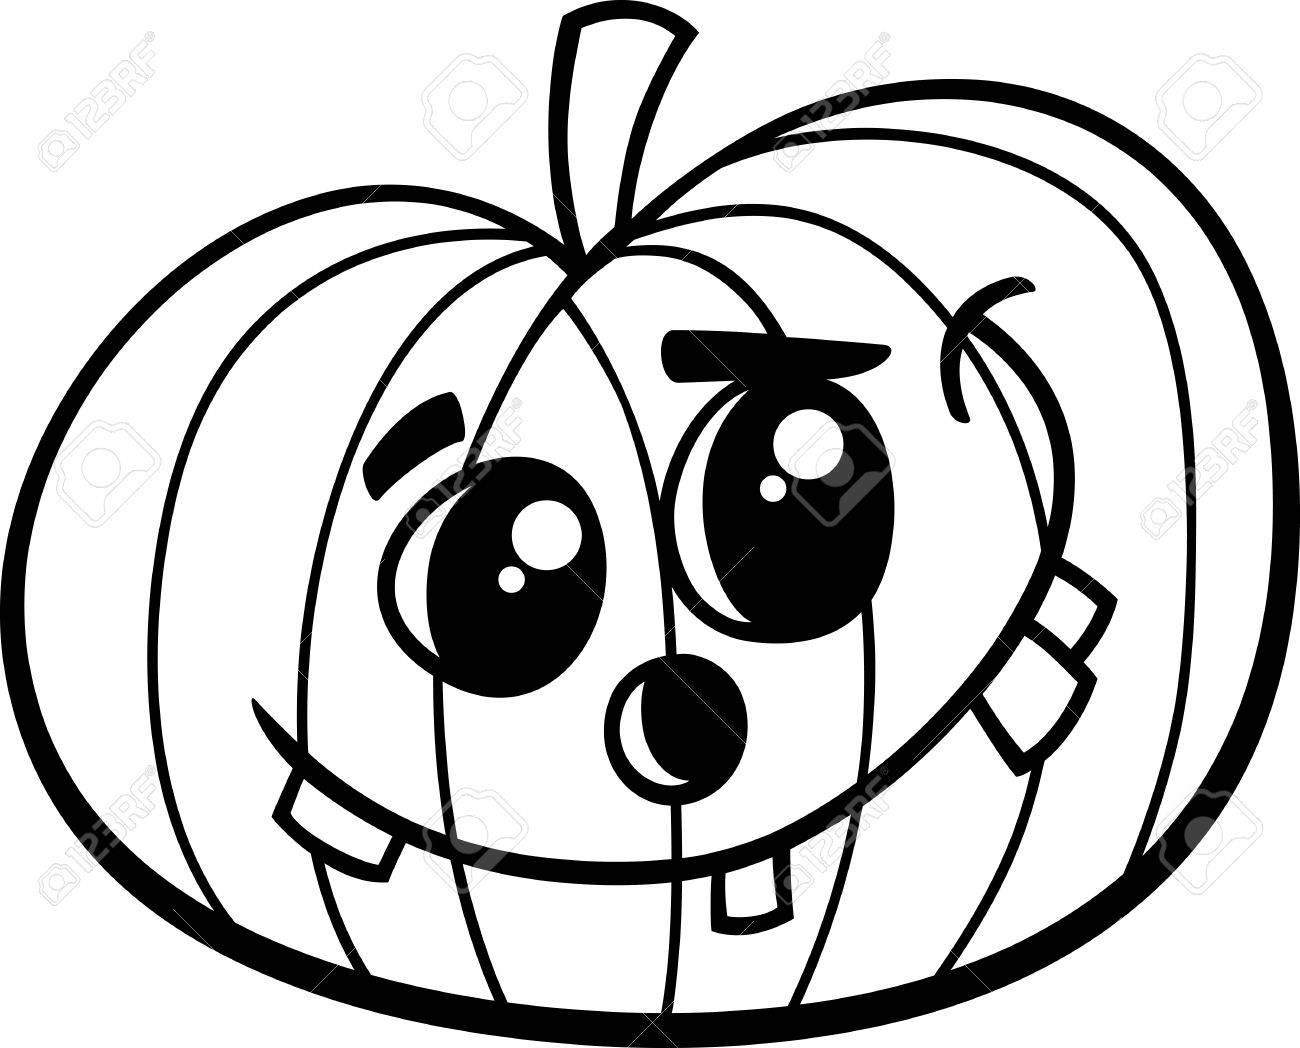 Ilustración De Dibujos Animados En Blanco Y Negro De La Calabaza De Halloween Para Colorear Libro